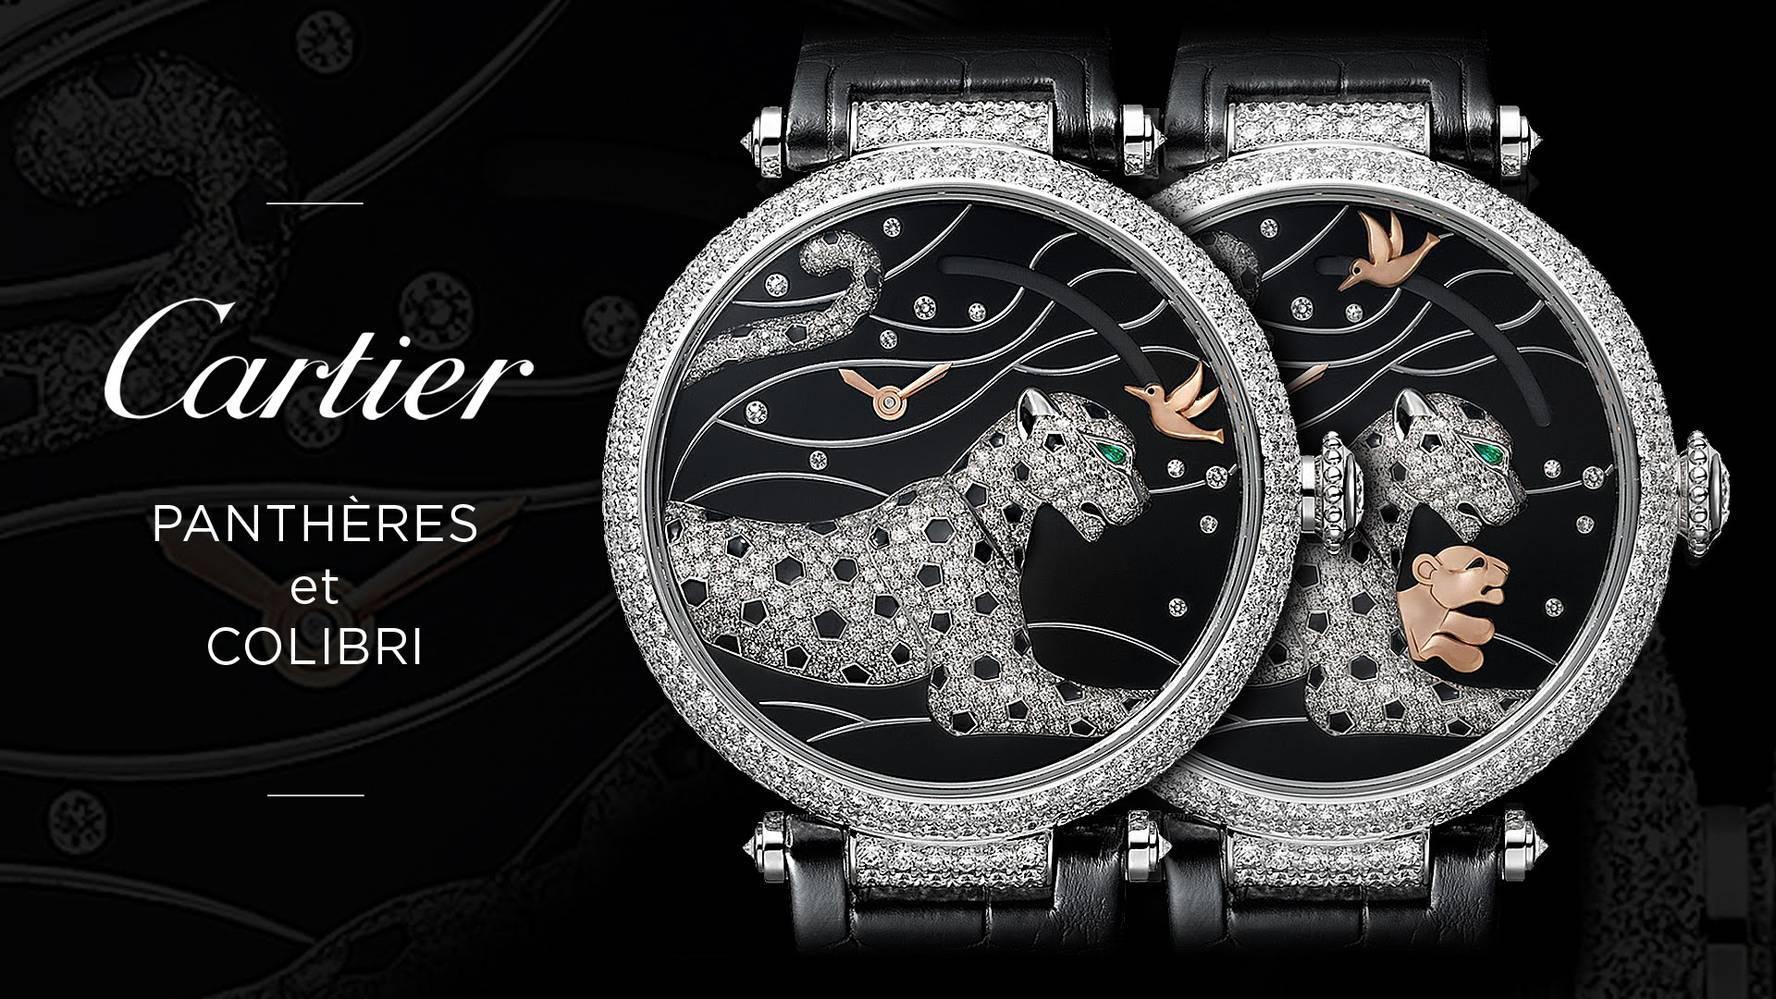 đồng hồ Cartier đính đá mẫu Panthères et Colibri